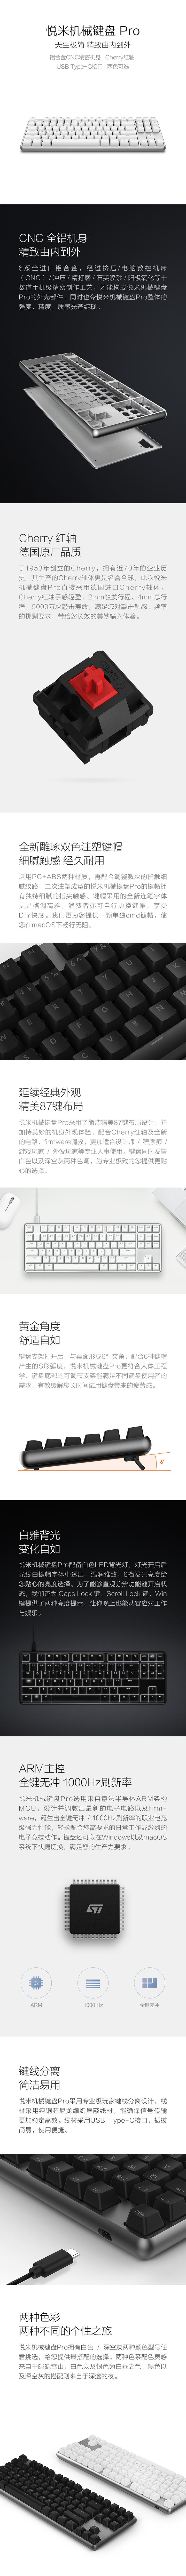 悦米机械键盘Pro免费试用,评测